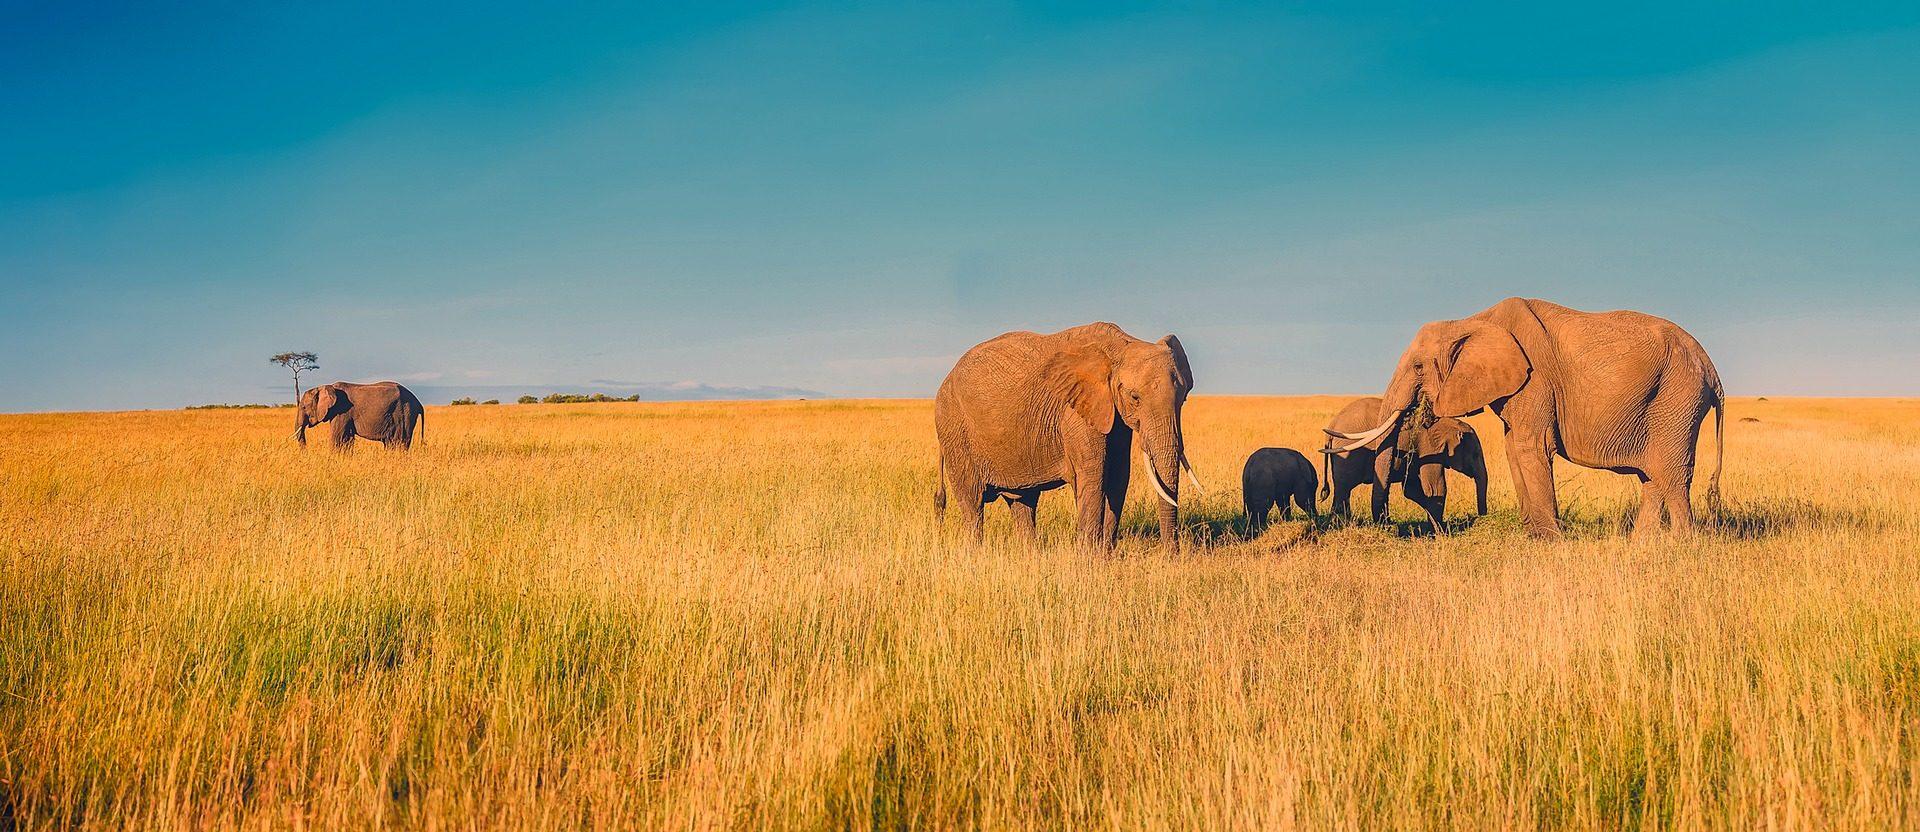 हाथियों, नुकीले, झुंड, परिवार, Savannah, अफ्रीका - HD वॉलपेपर - प्रोफेसर-falken.com